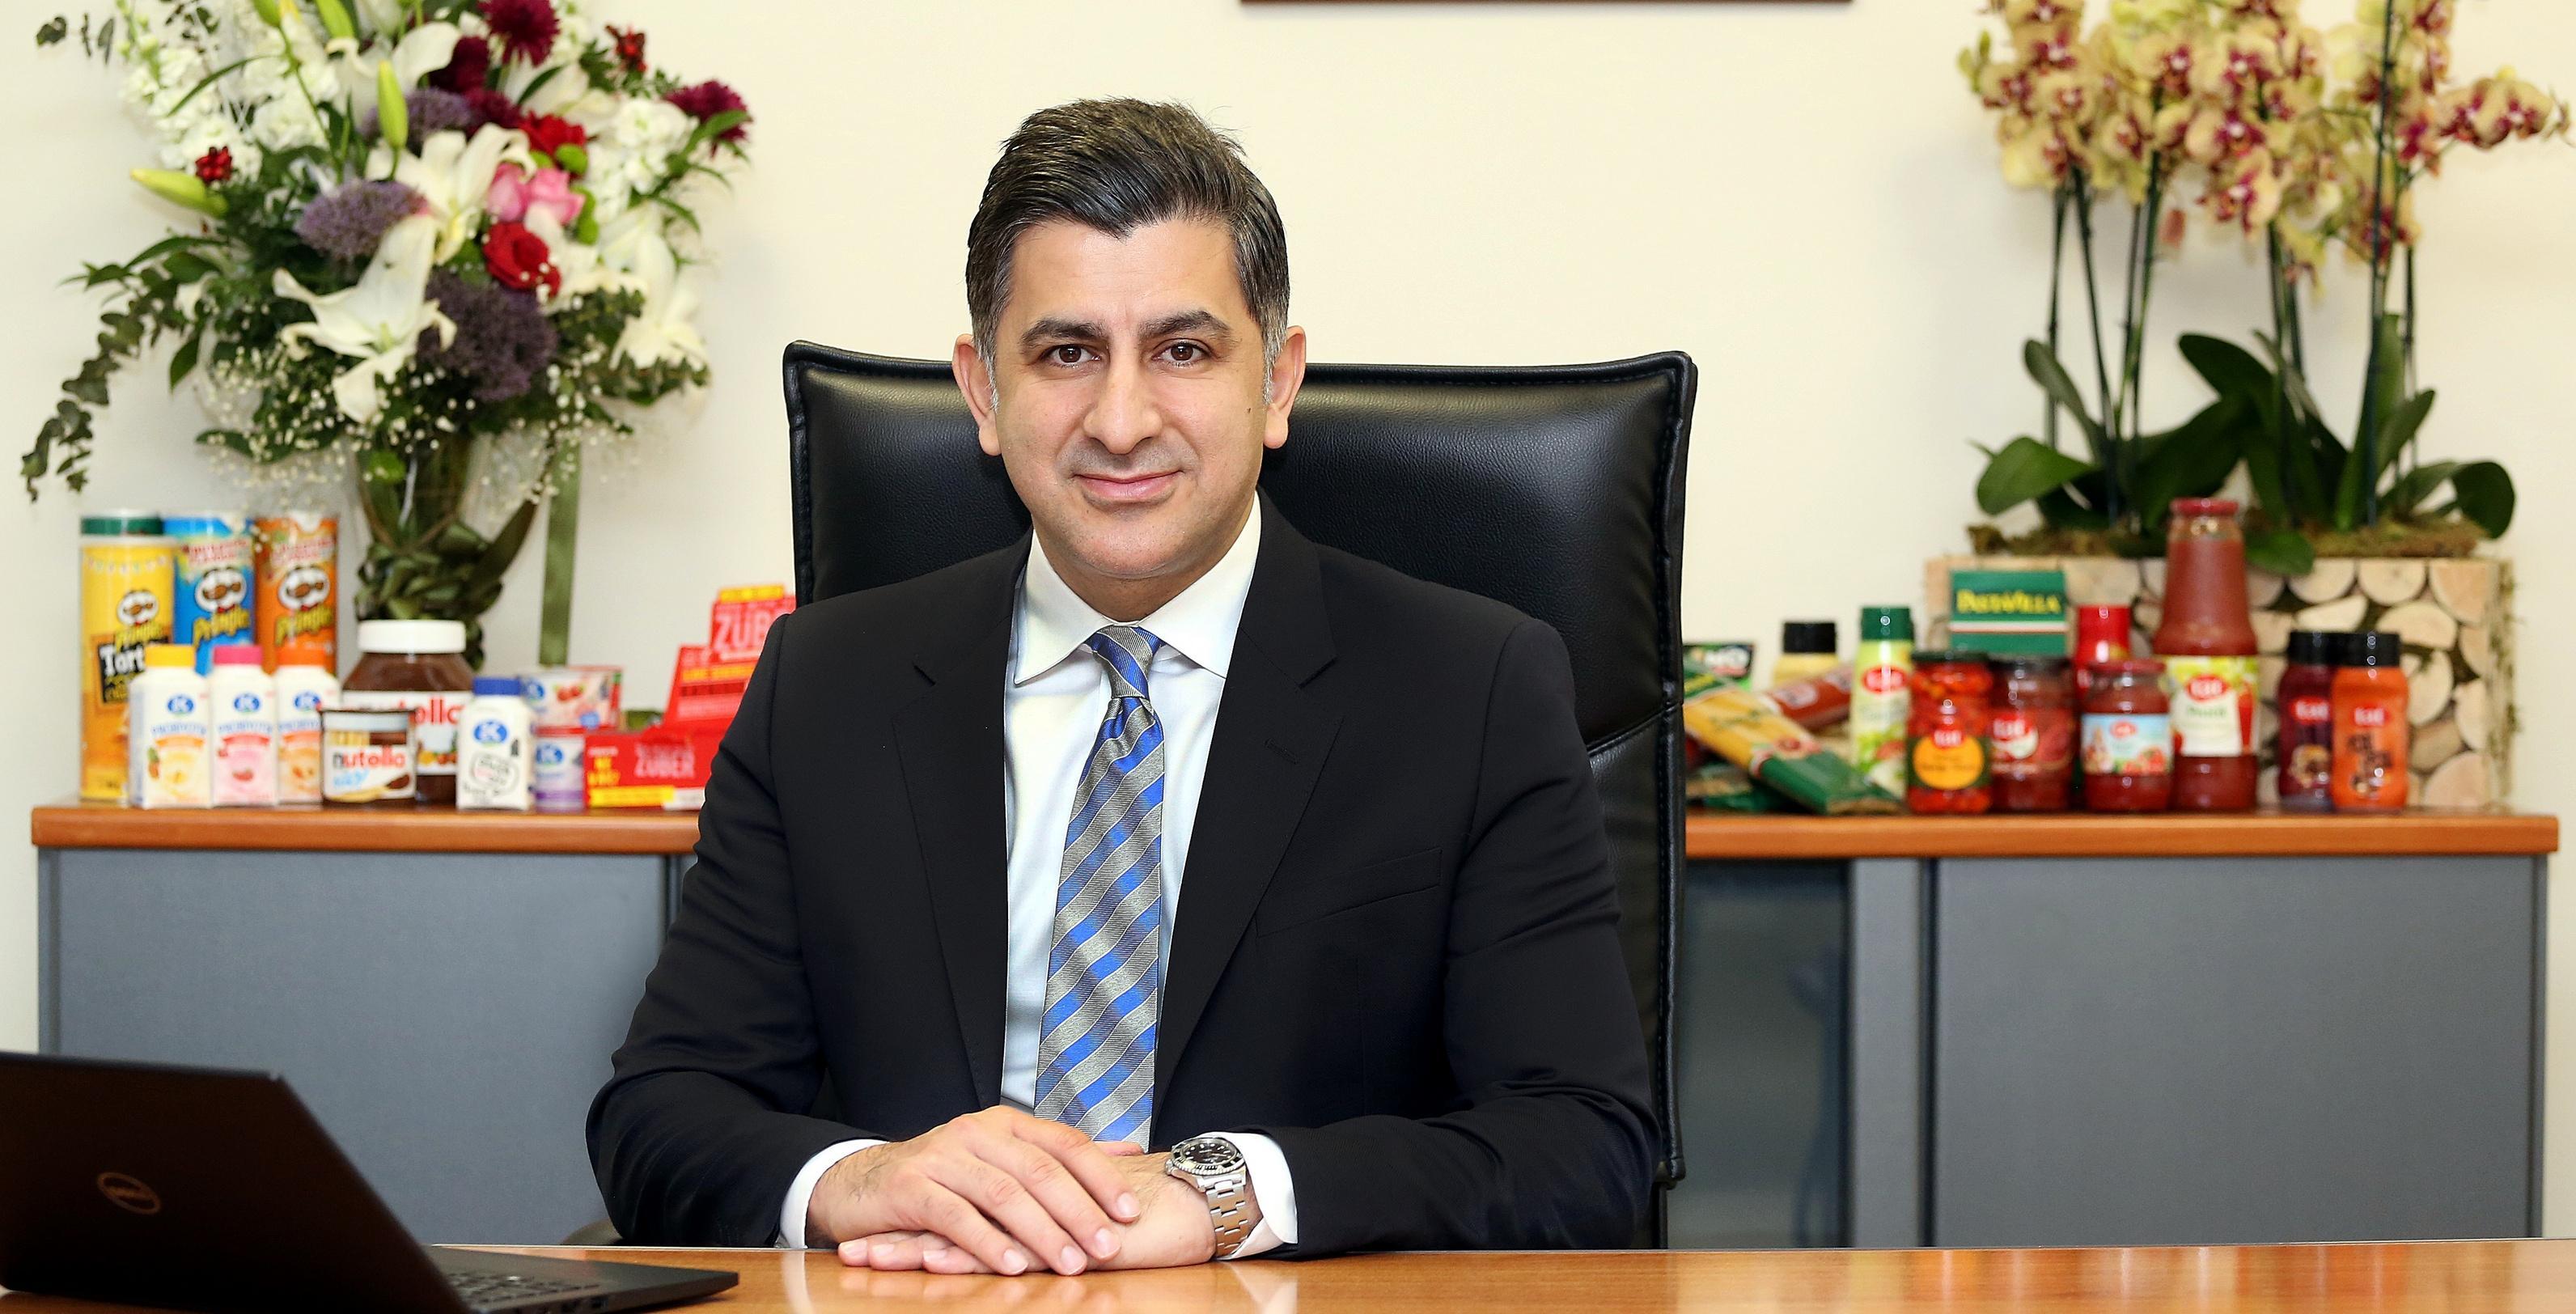 Düzey Pazarlama Genel Müdürlüğü Görevine Ercan Öz Getirildi